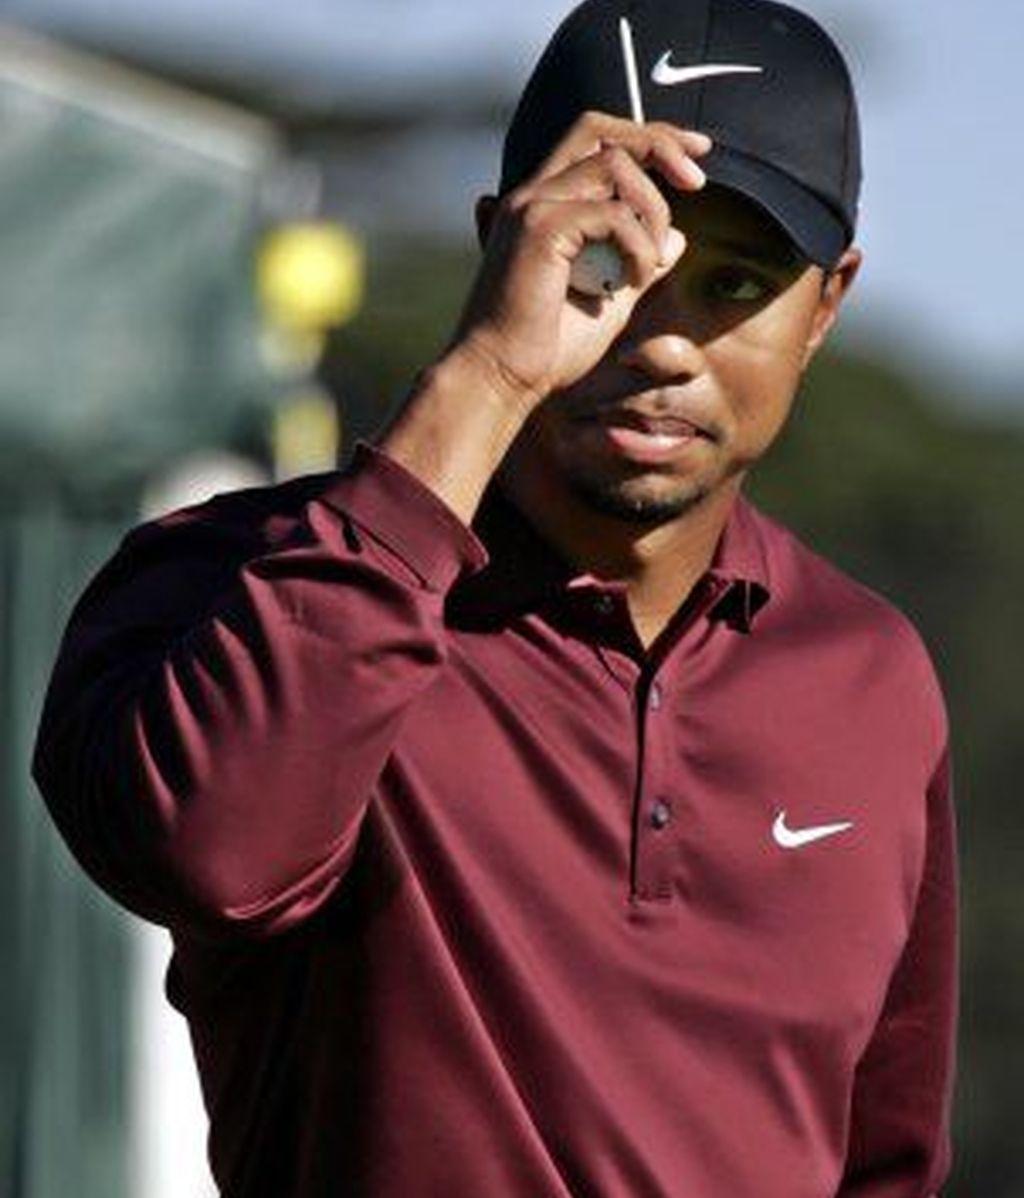 Tiger Woods ha contratado a varios guardaespaldas para que lo alejen de las fans demasiado cariñosas. Foto archivo AP